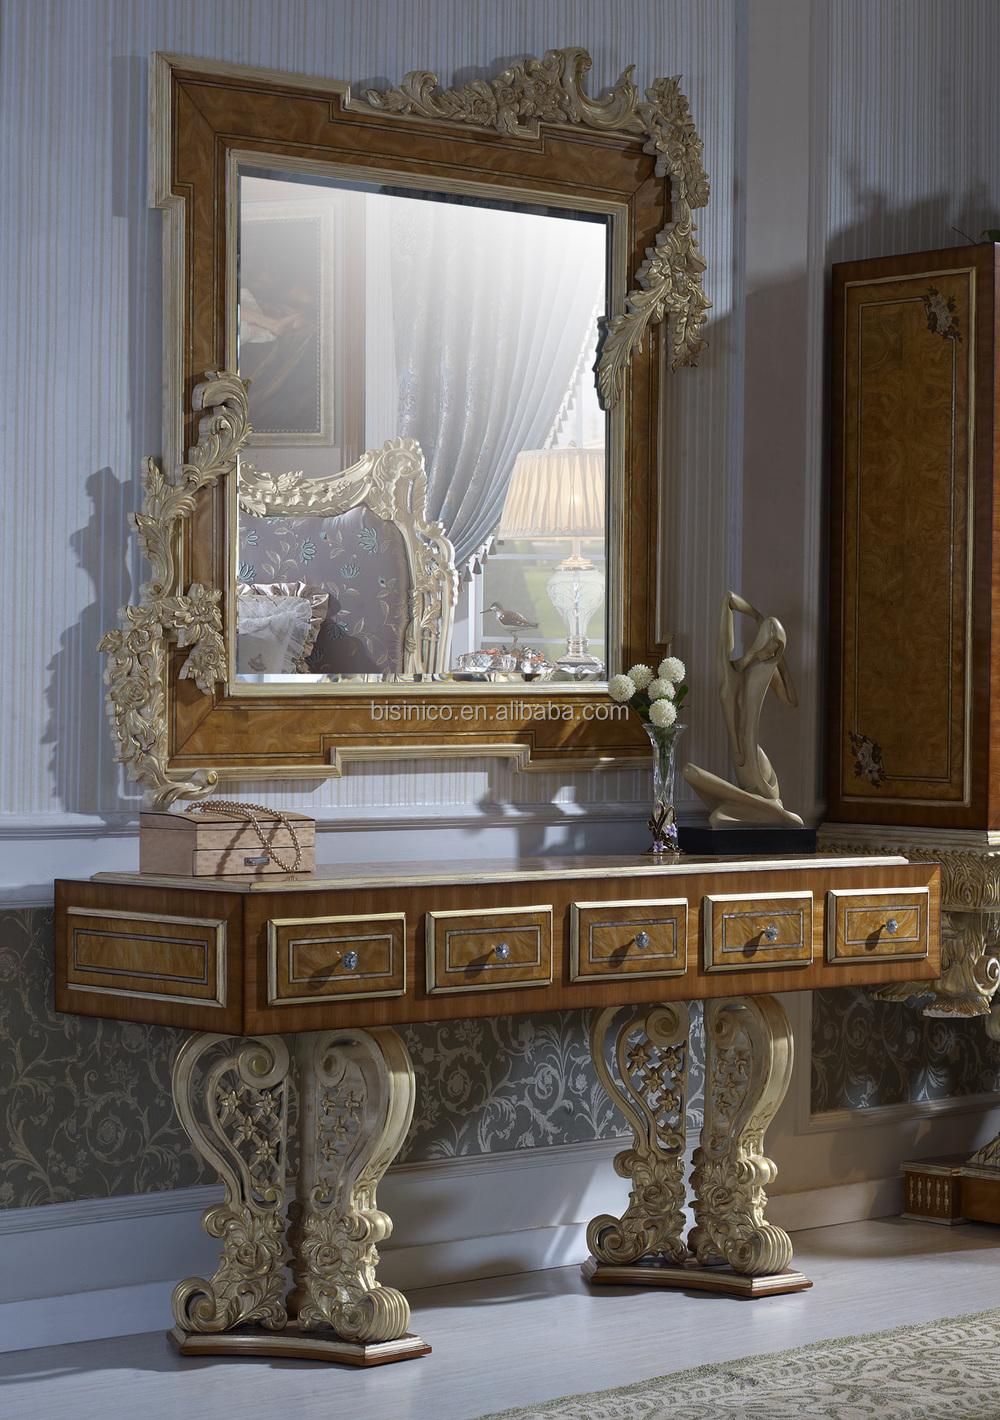 bisini luxe hout gesneden antieke woonkamer kast scherm, Meubels Ideeën